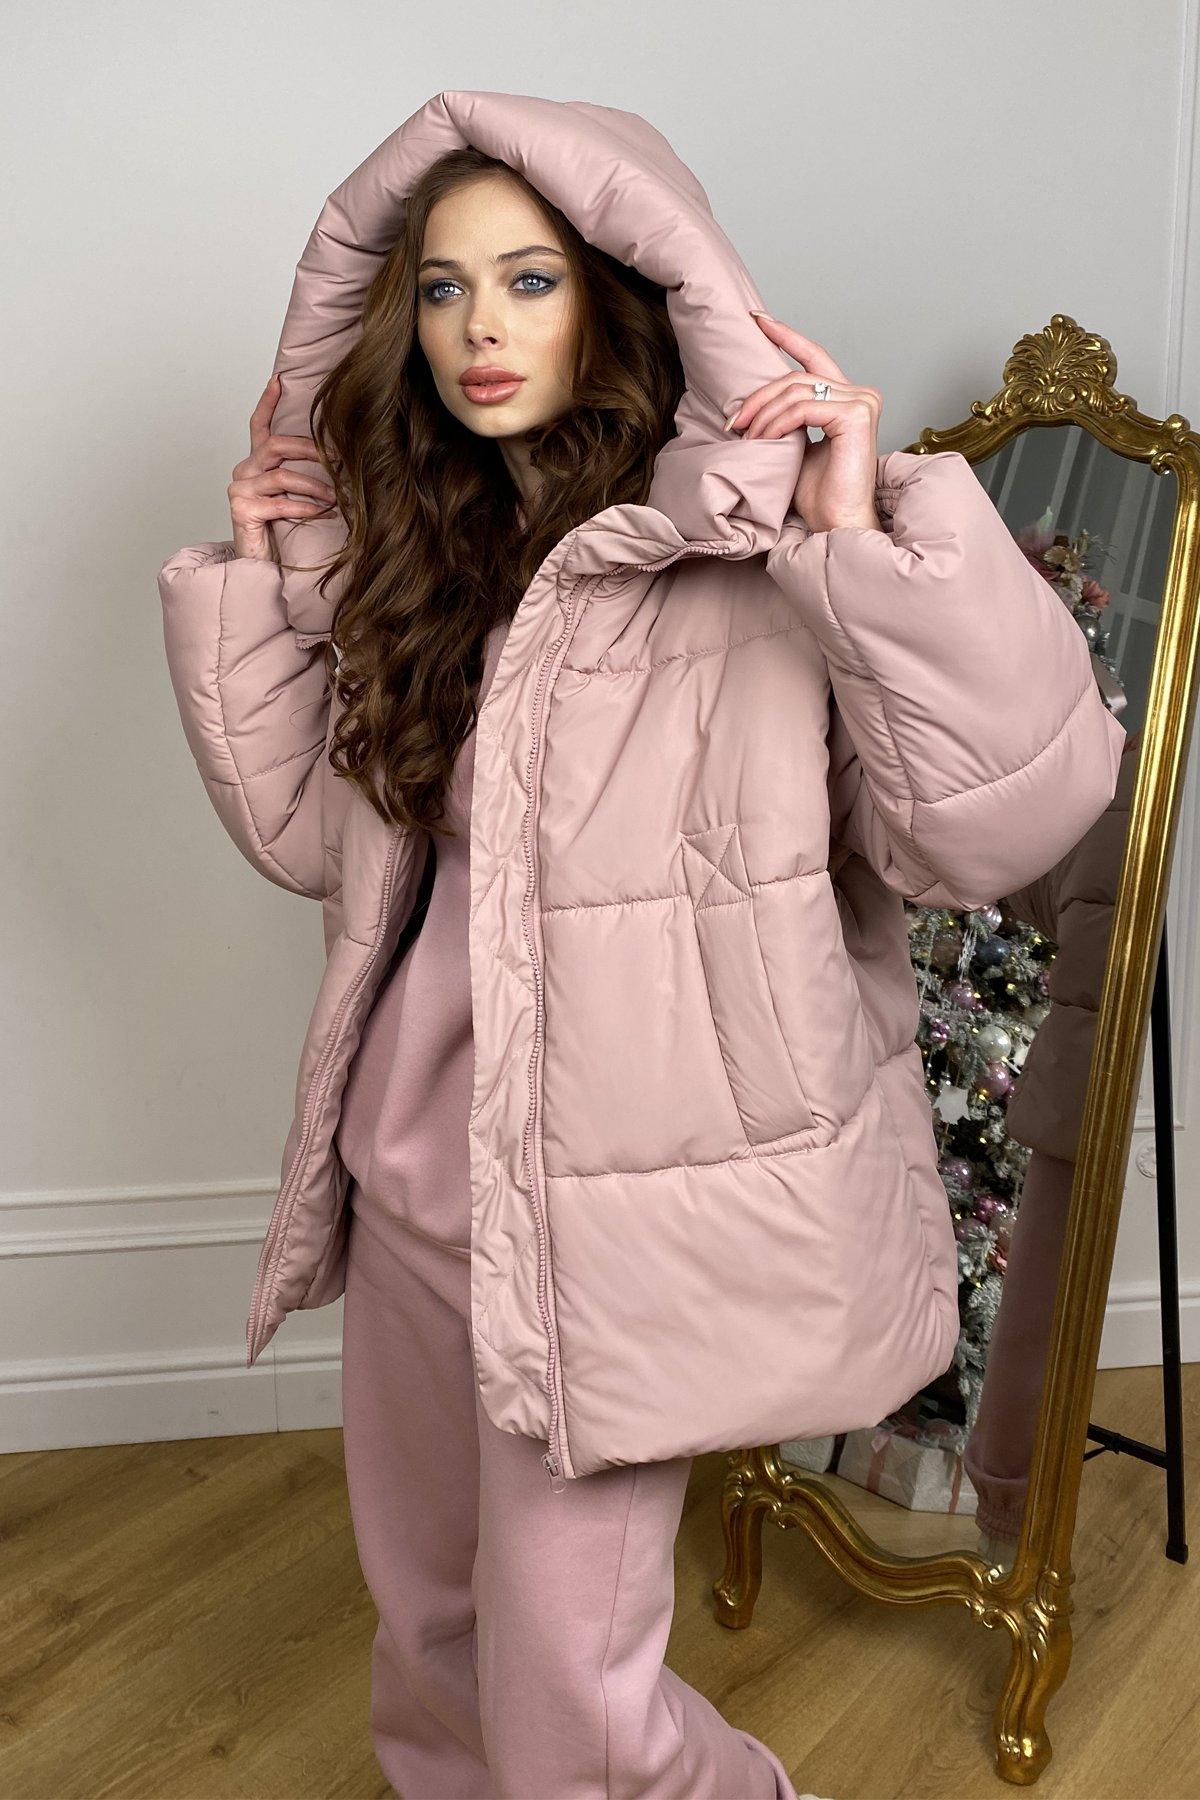 куртки оптом Харьков  Овертайм  теплый пуховик из плащевой ткани 10243